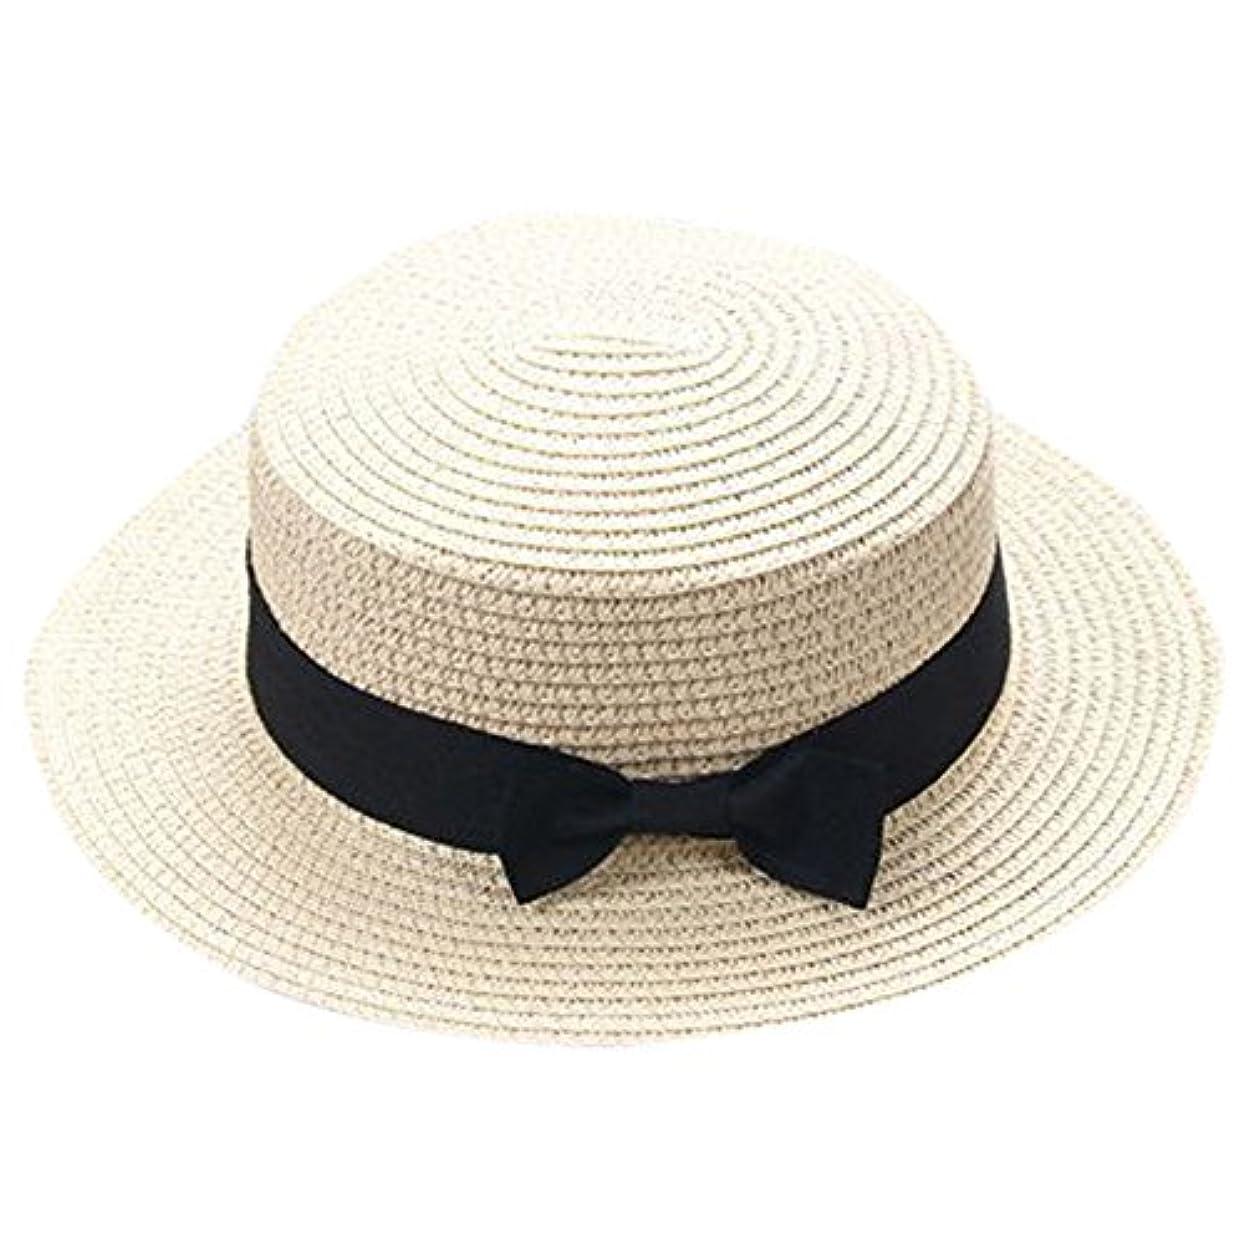 最初に投げるテクニカルキャップ キッズ 日よけ 帽子 小顔効果抜群 旅行用 日よけ 夏 ビーチ 海辺 かわいい リゾート 紫外線対策 男女兼用 日焼け防止 熱中症予防 取り外すあご紐 つば広 おしゃれ 可愛い 夏 ROSE ROMAN